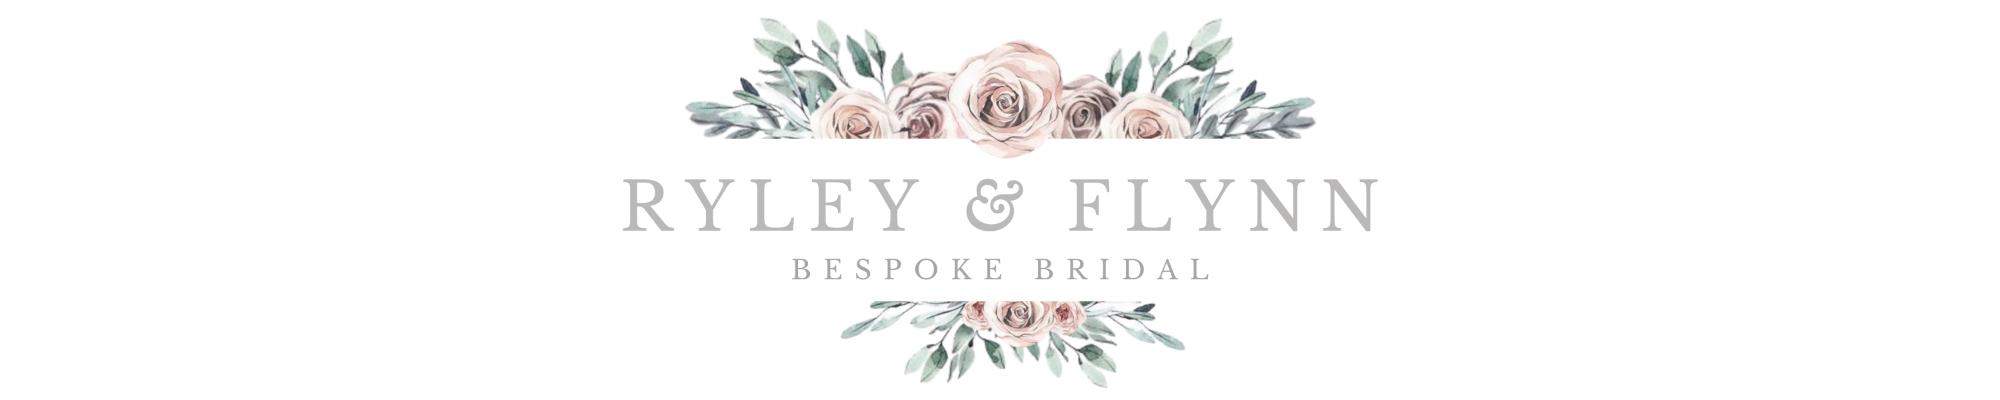 Ryley & Flynn Logo